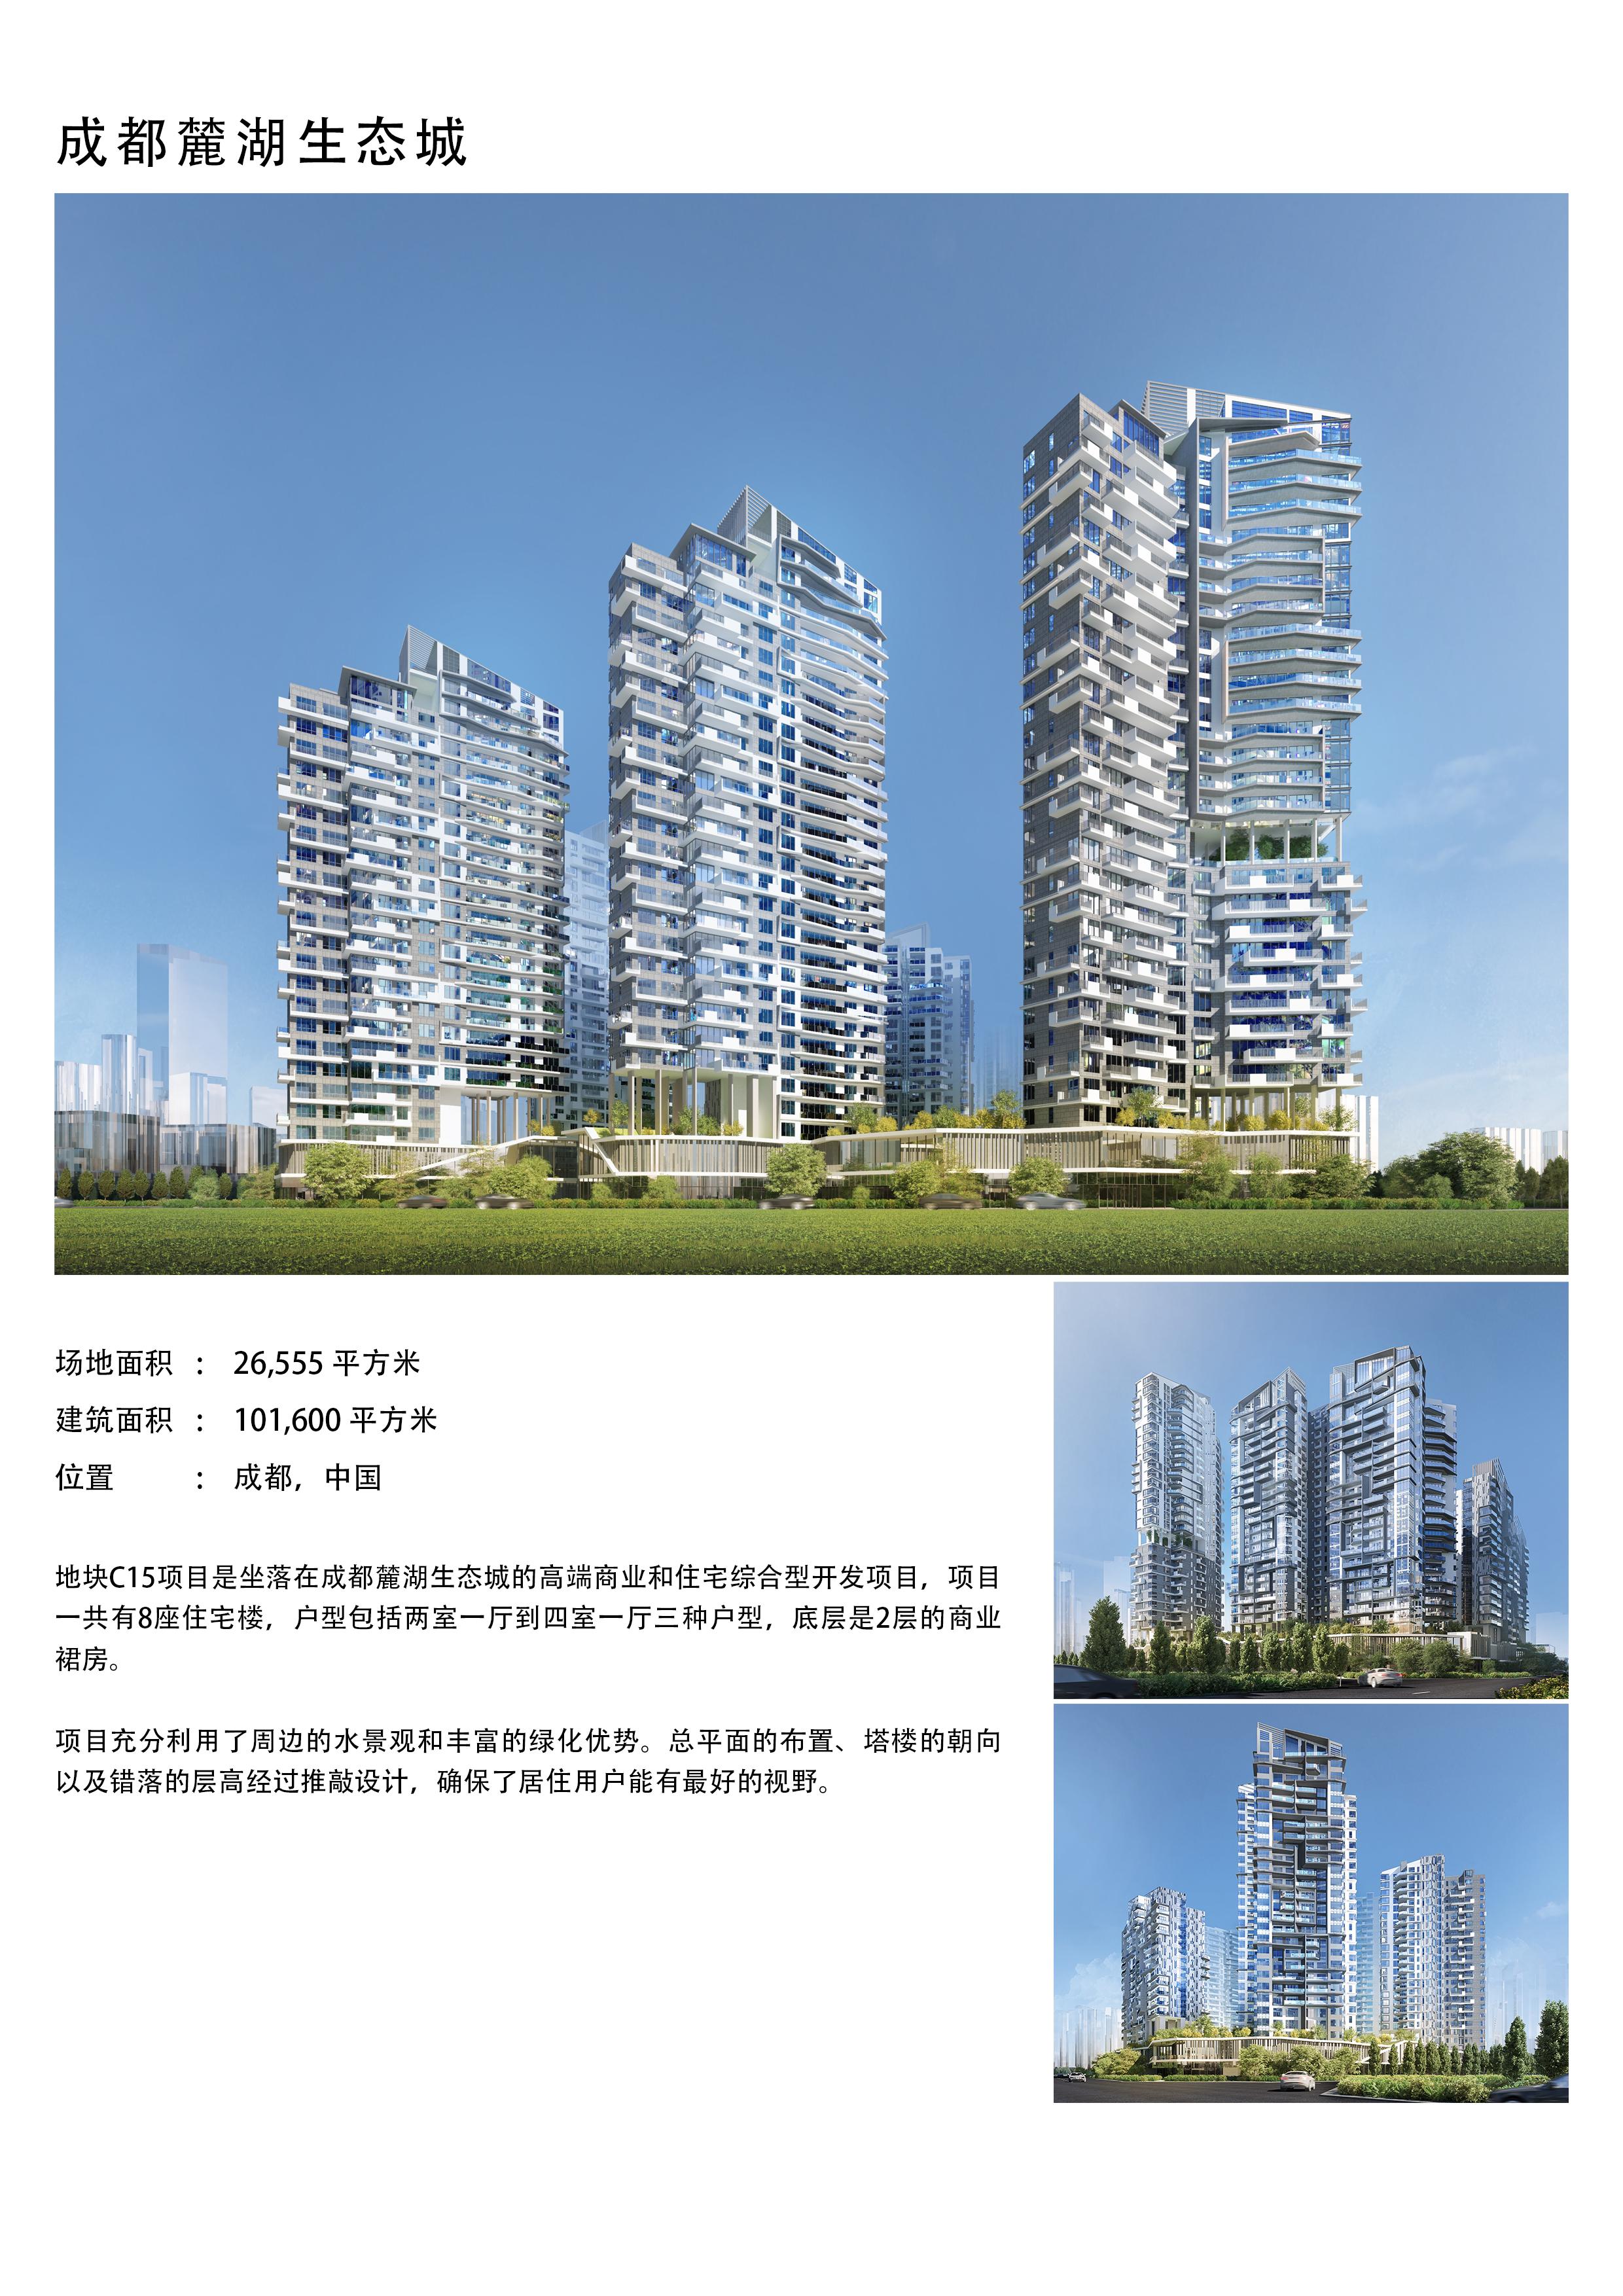 06_Chengdu_cn.jpg